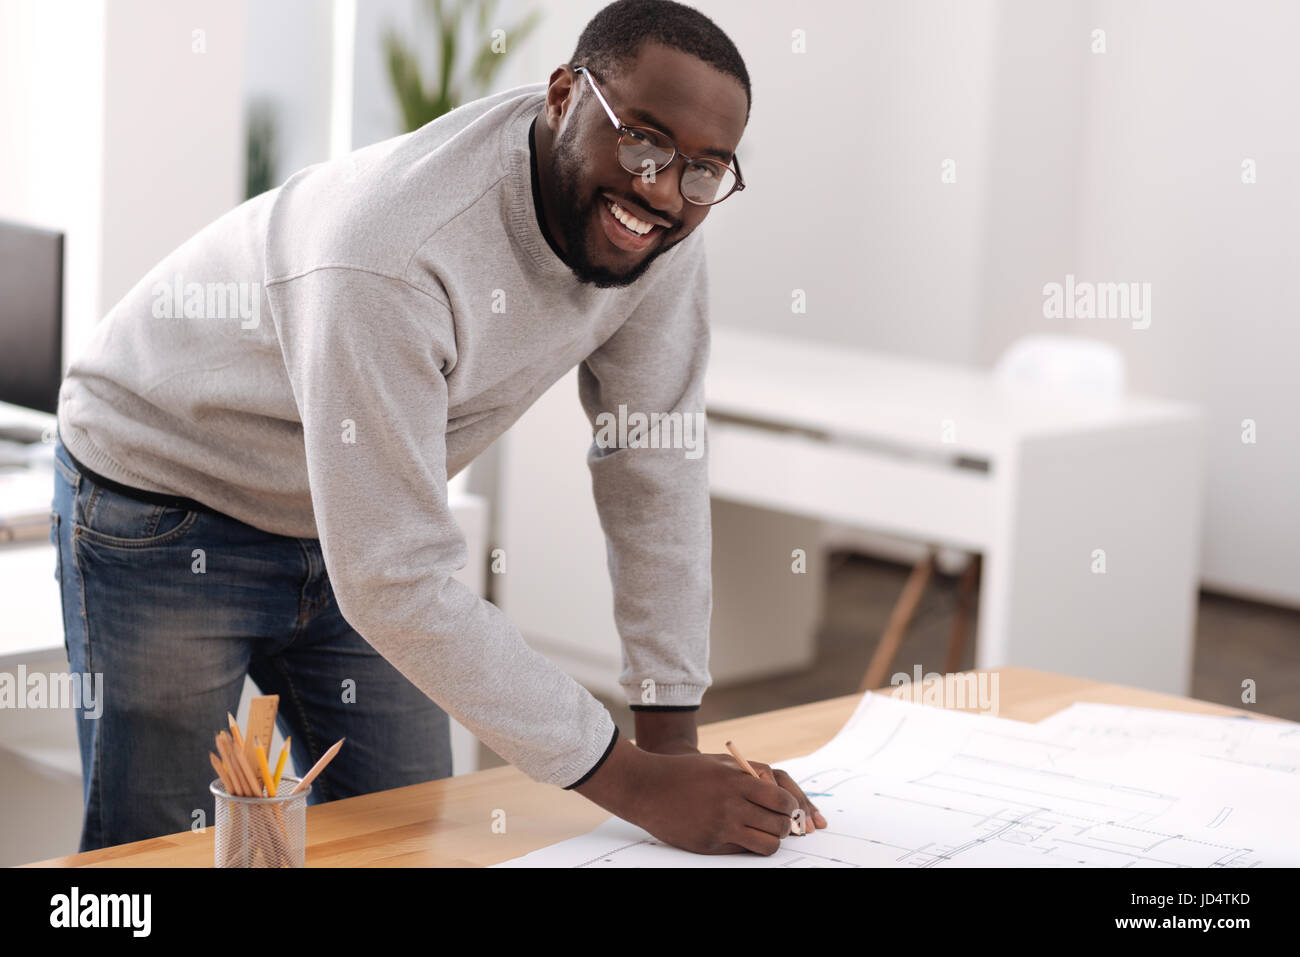 Joyful positive man doing a draft - Stock Image